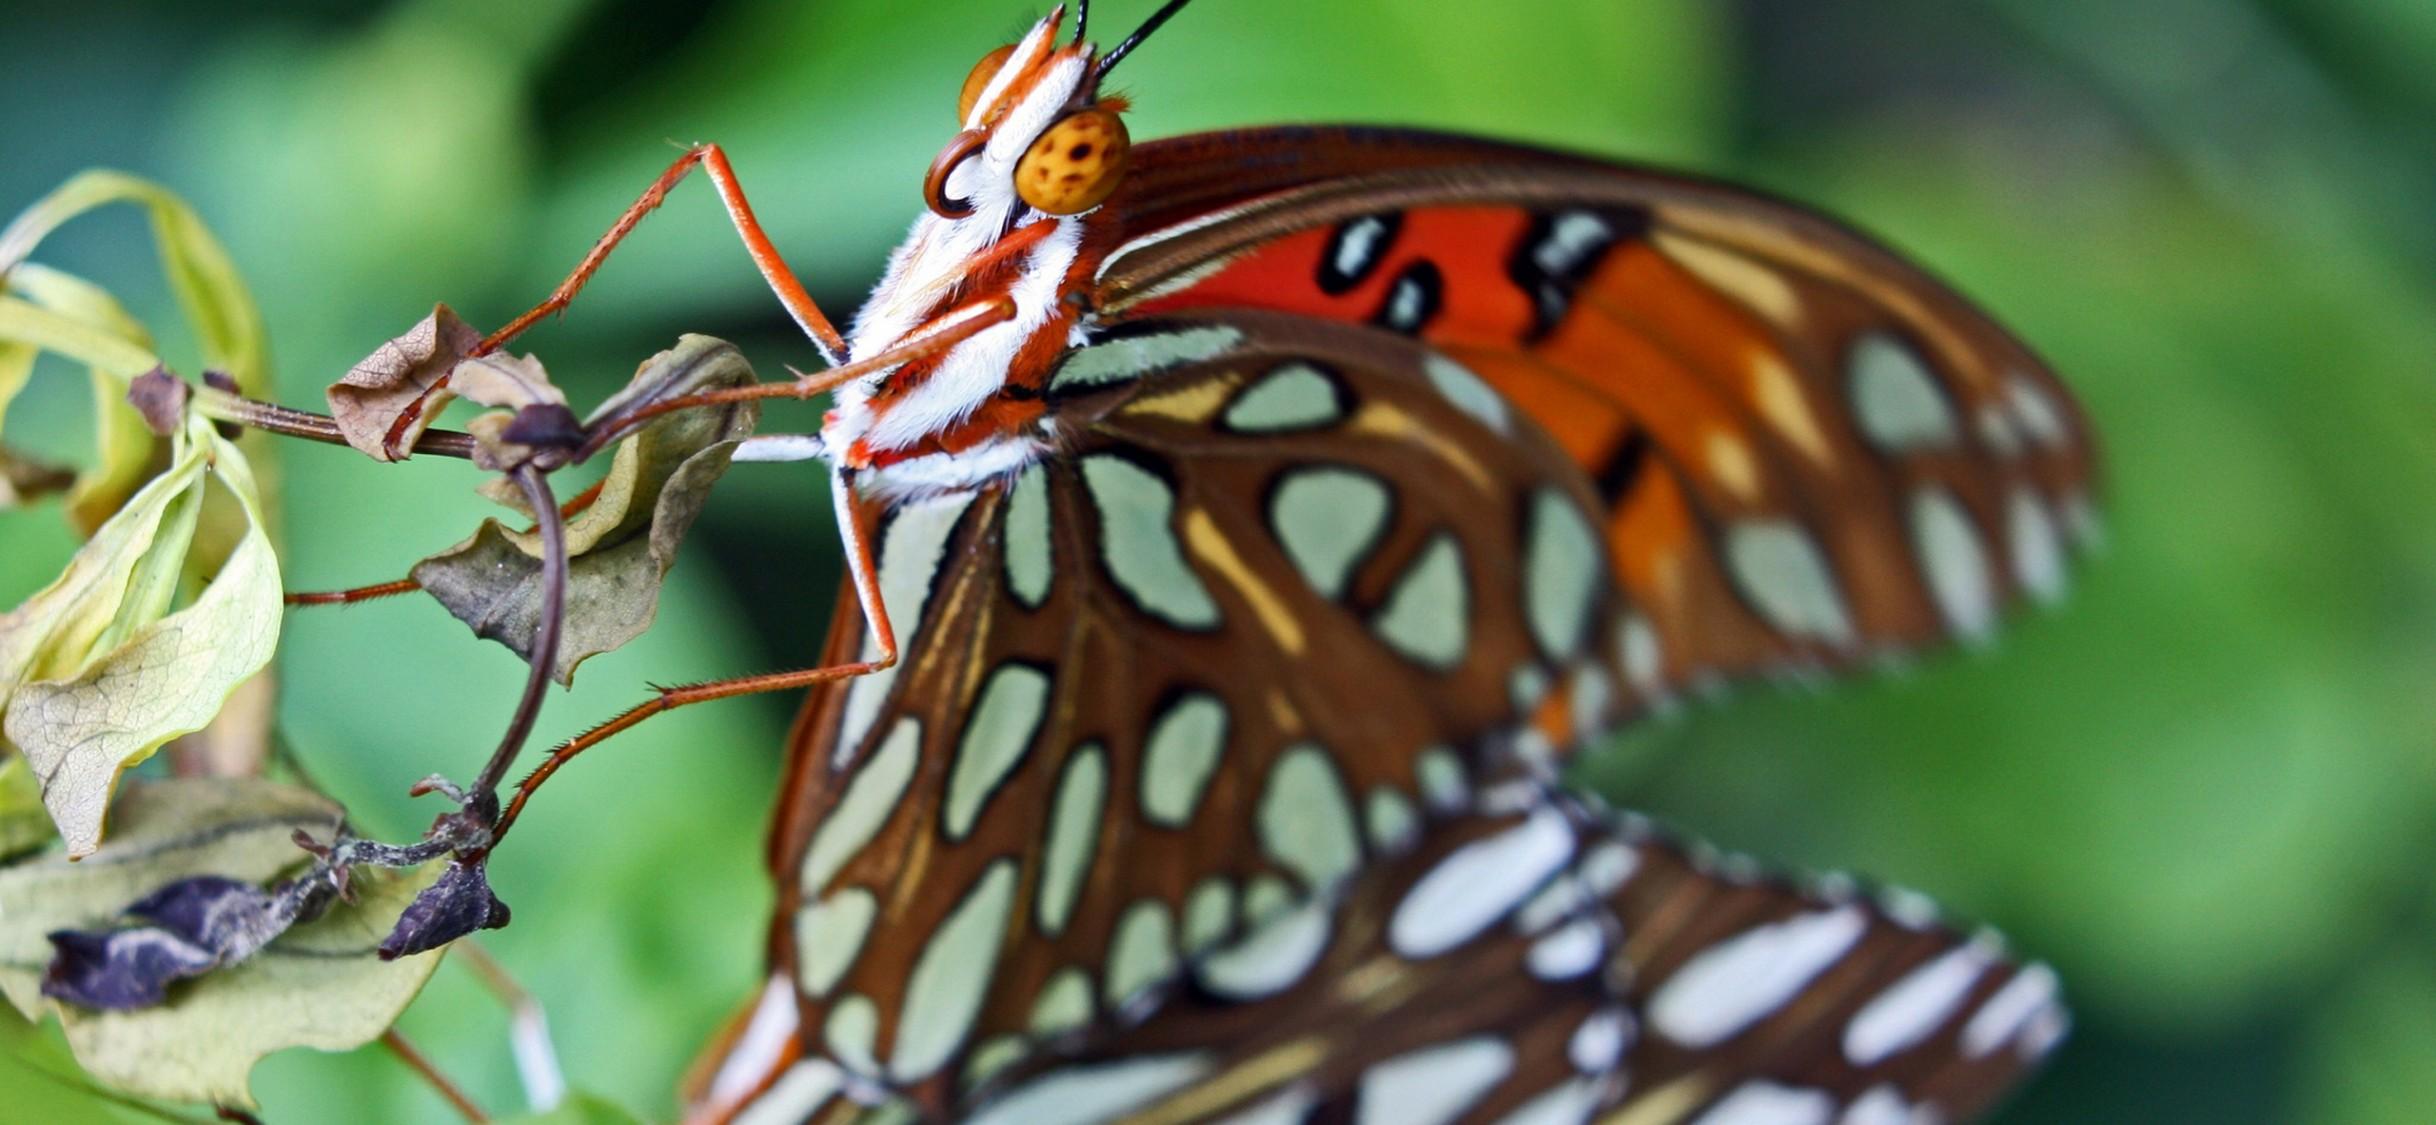 Butterfly Close Up Hd Wallpaper Iphone X Hd Wallpaper